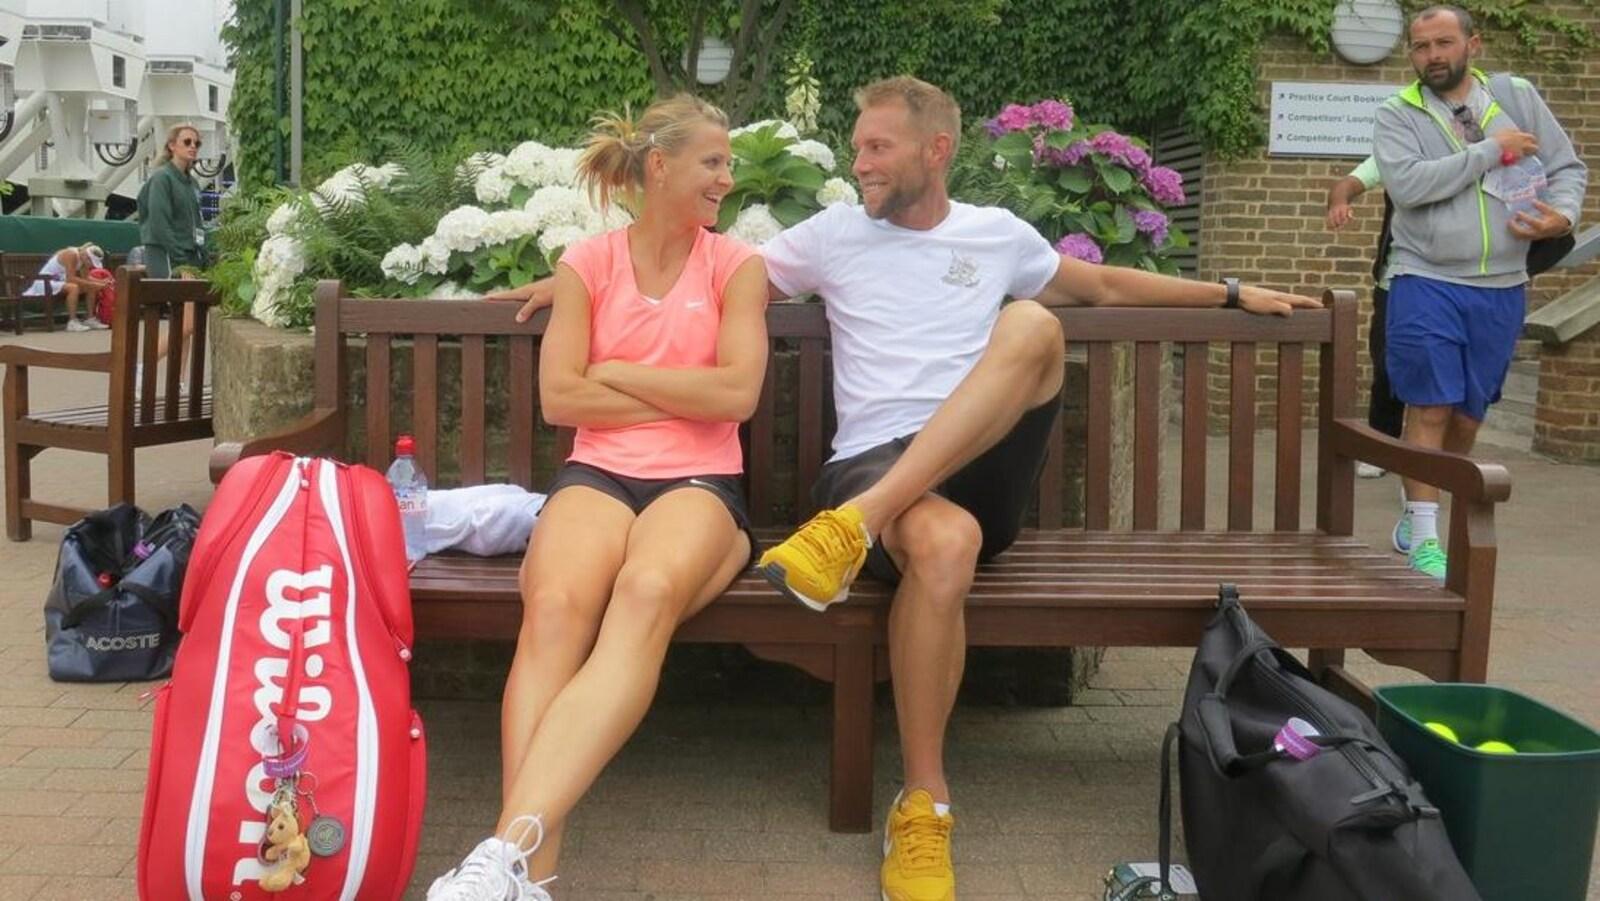 Ils se regardent assis sur un banc.